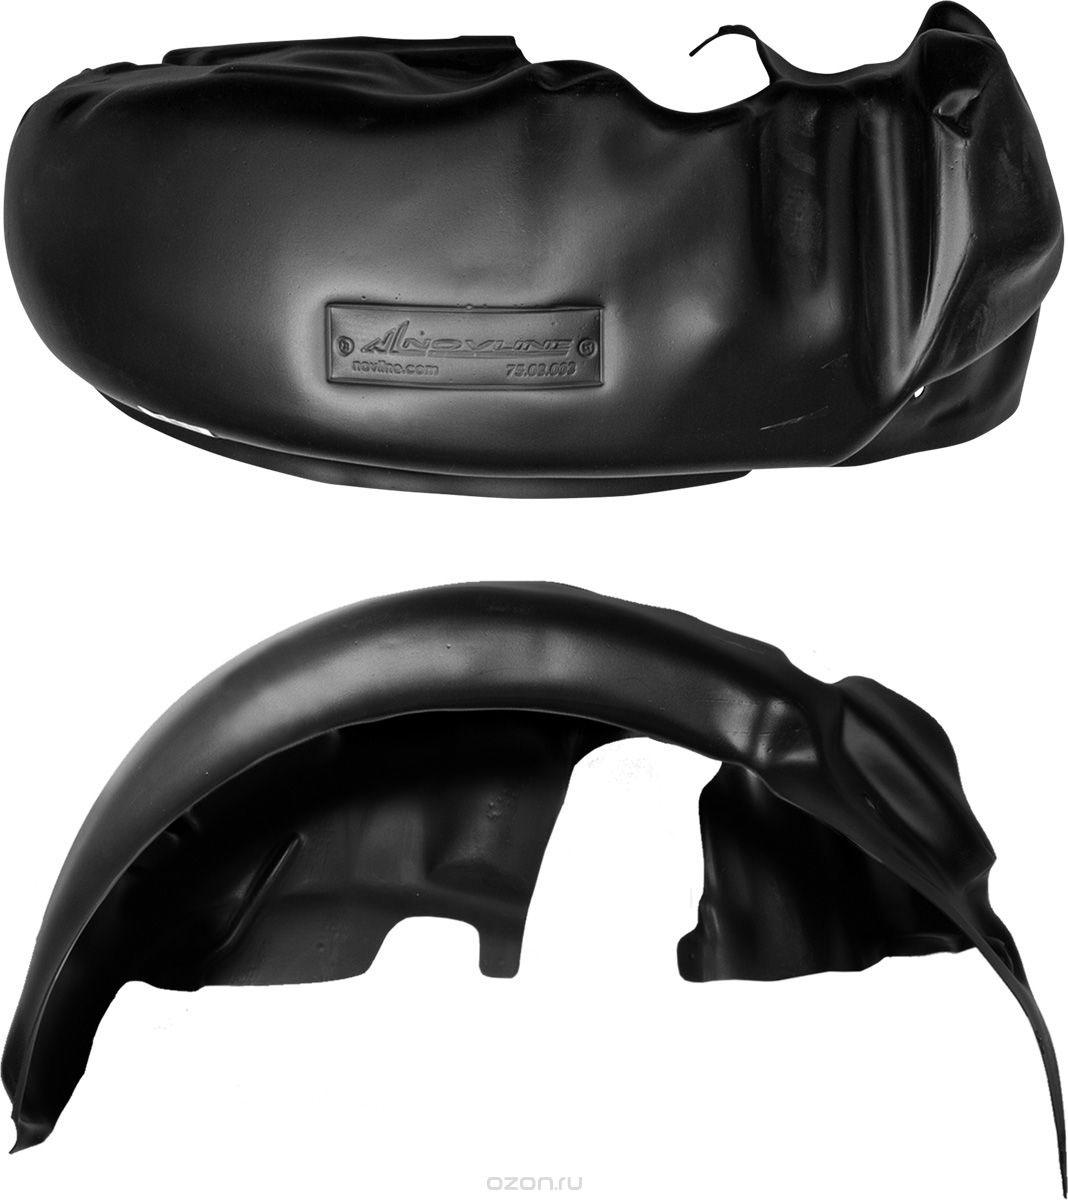 Подкрылок Novline-Autofamily, для КIА Sportage, 2016->, кроссовер, передний правый000414Идеальная защита колесной ниши. Локеры разработаны с применением цифровых технологий, гарантируют максимальную повторяемость поверхности арки. Изделия устанавливаются без нарушения лакокрасочного покрытия автомобиля, каждый подкрылок комплектуется крепежом. Уважаемые клиенты, обращаем ваше внимание, что фотографии на подкрылки универсальные и не отражают реальную форму изделия. При этом само изделие идет точно под размер указанного автомобиля.